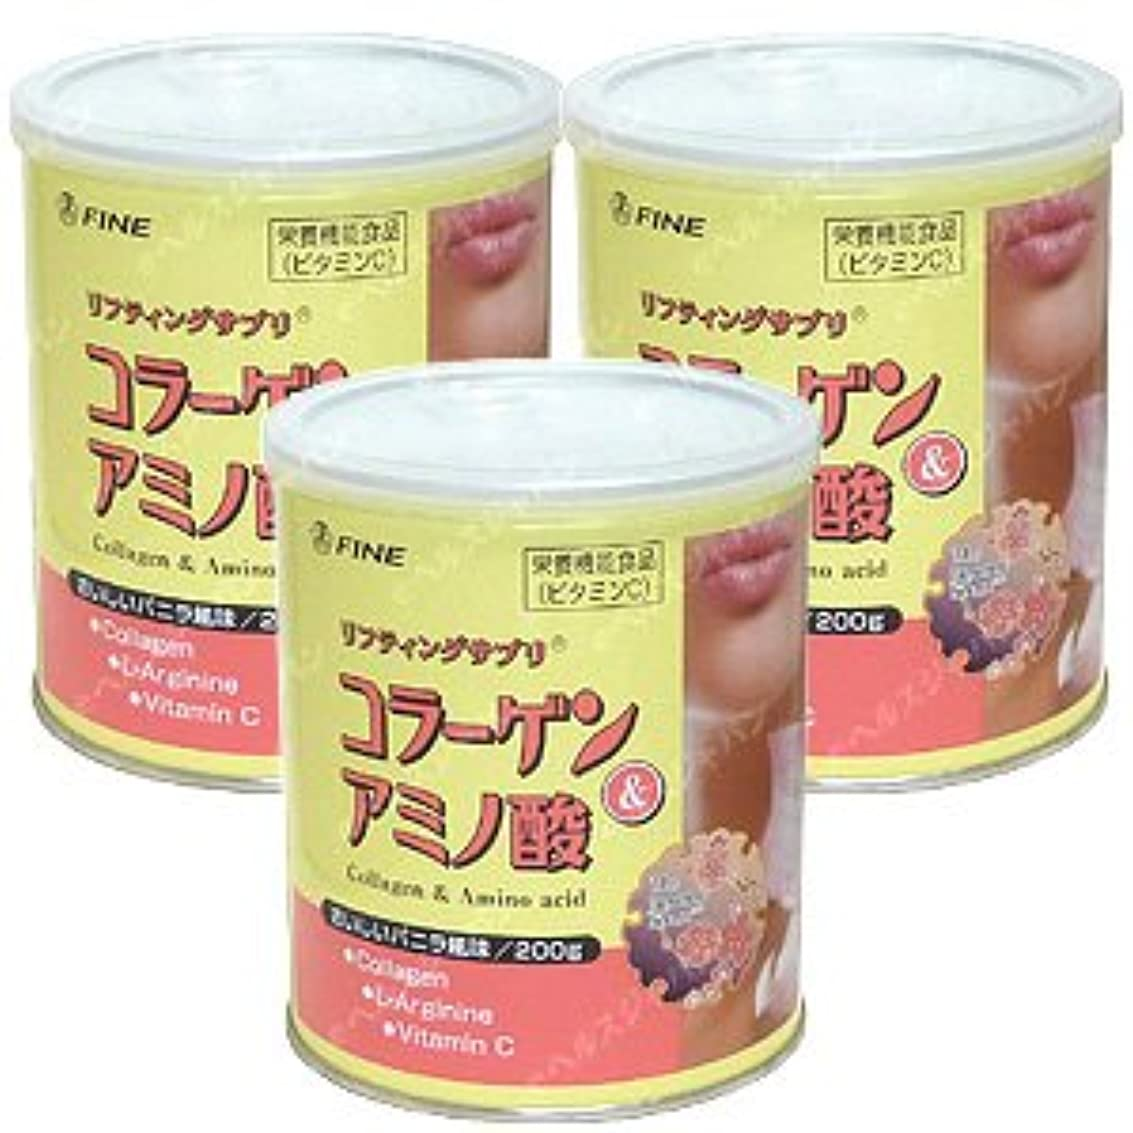 カビ従うジャズコラーゲン&アミノ酸【3缶セット】ファイン